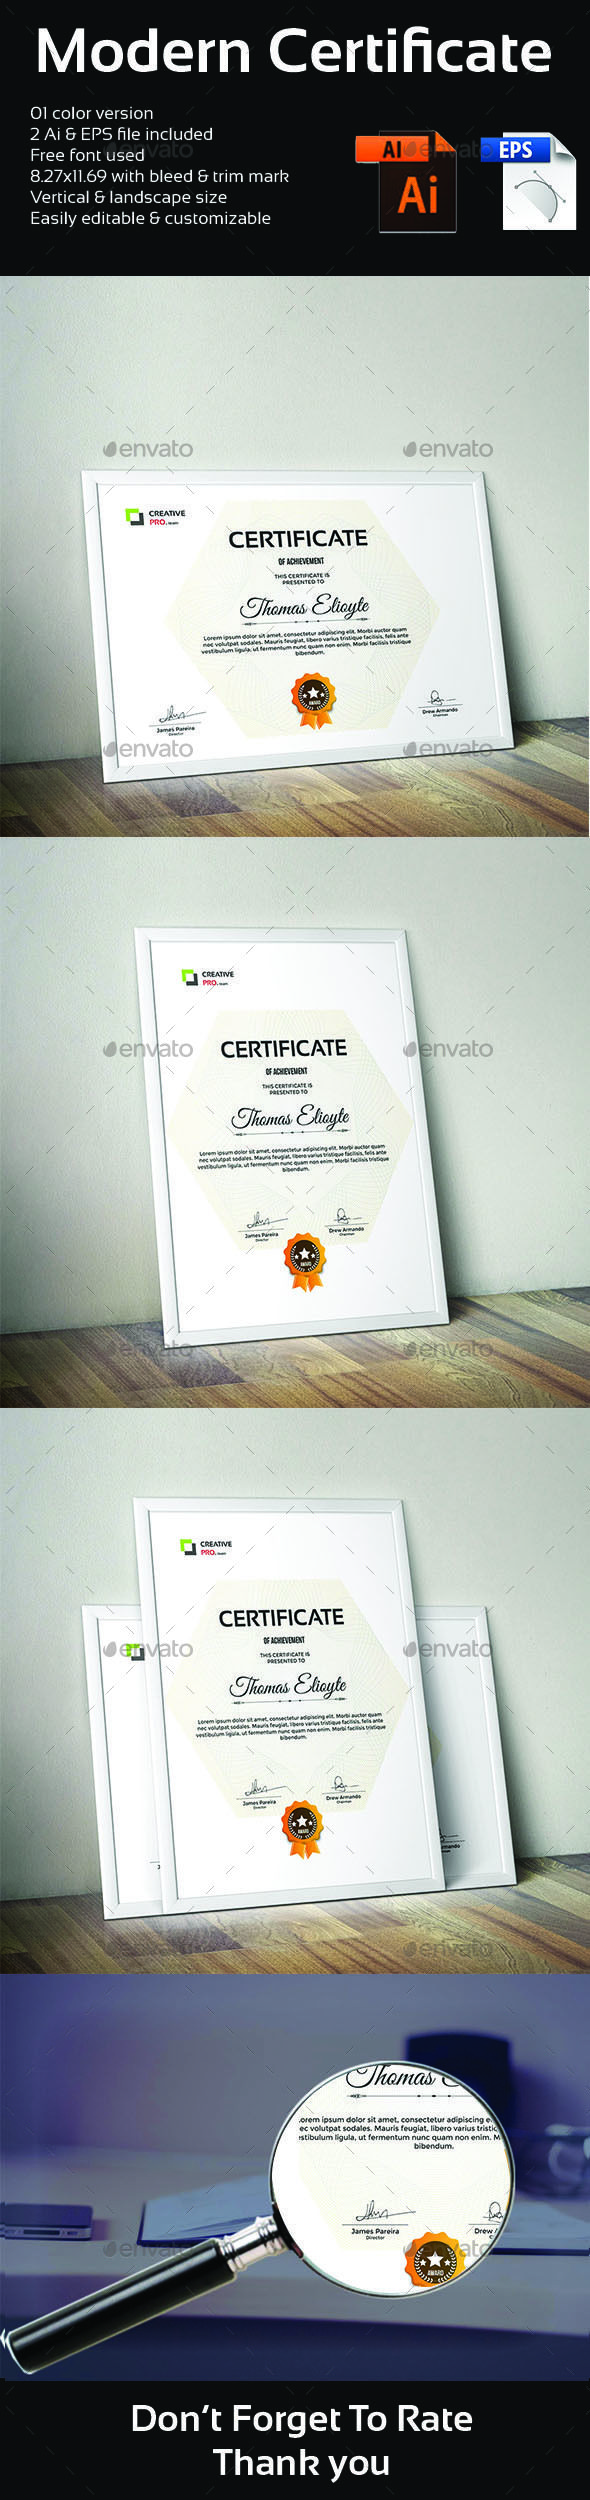 Corporate simple certificate design template certificates corporate simple certificate design template certificates stationery design template vector eps ai illustrator yadclub Gallery